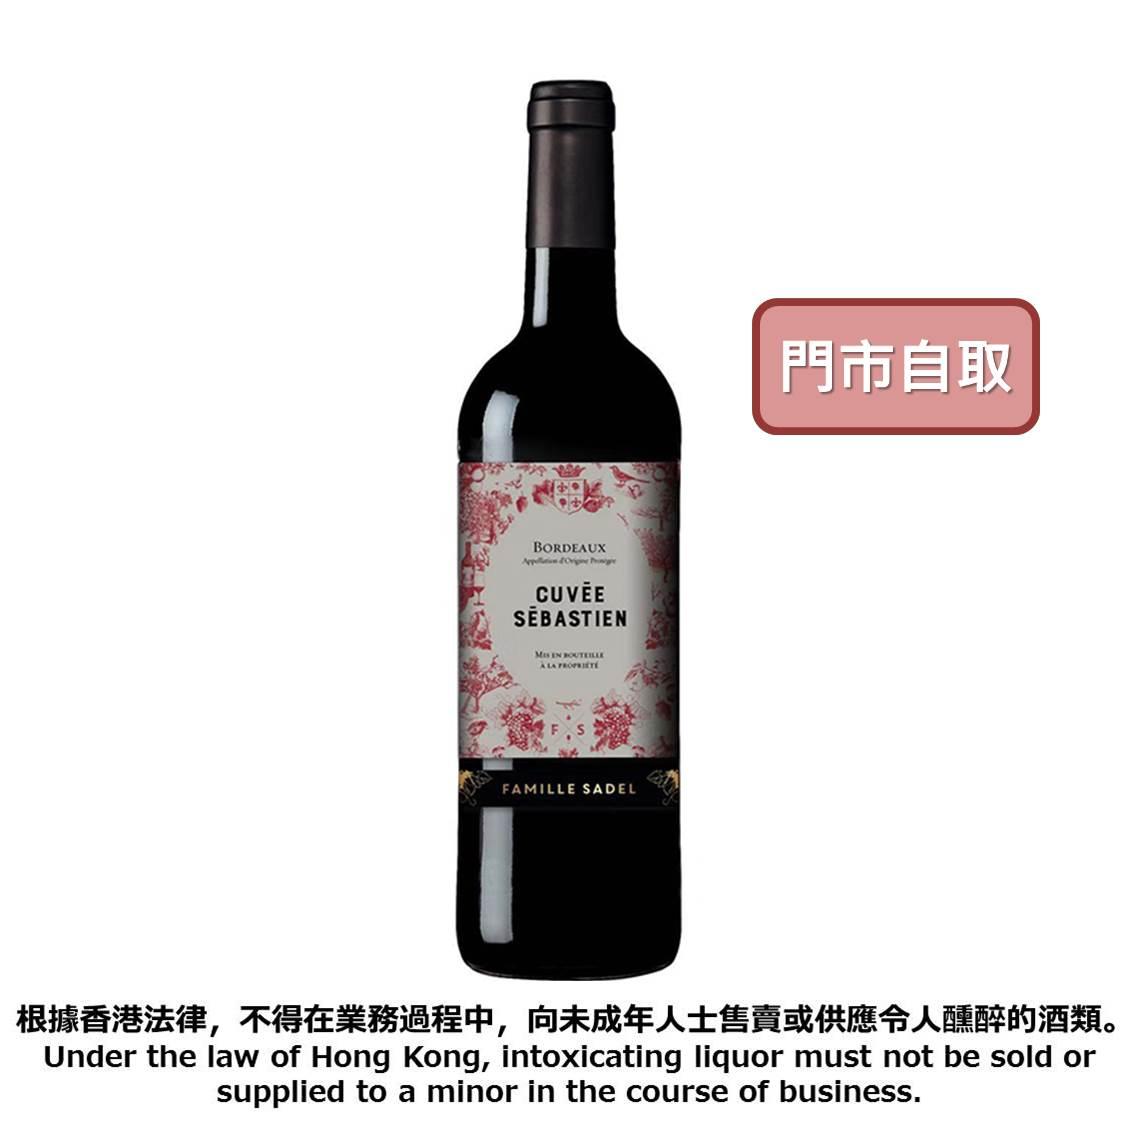 法國薩德家族波爾多紅酒